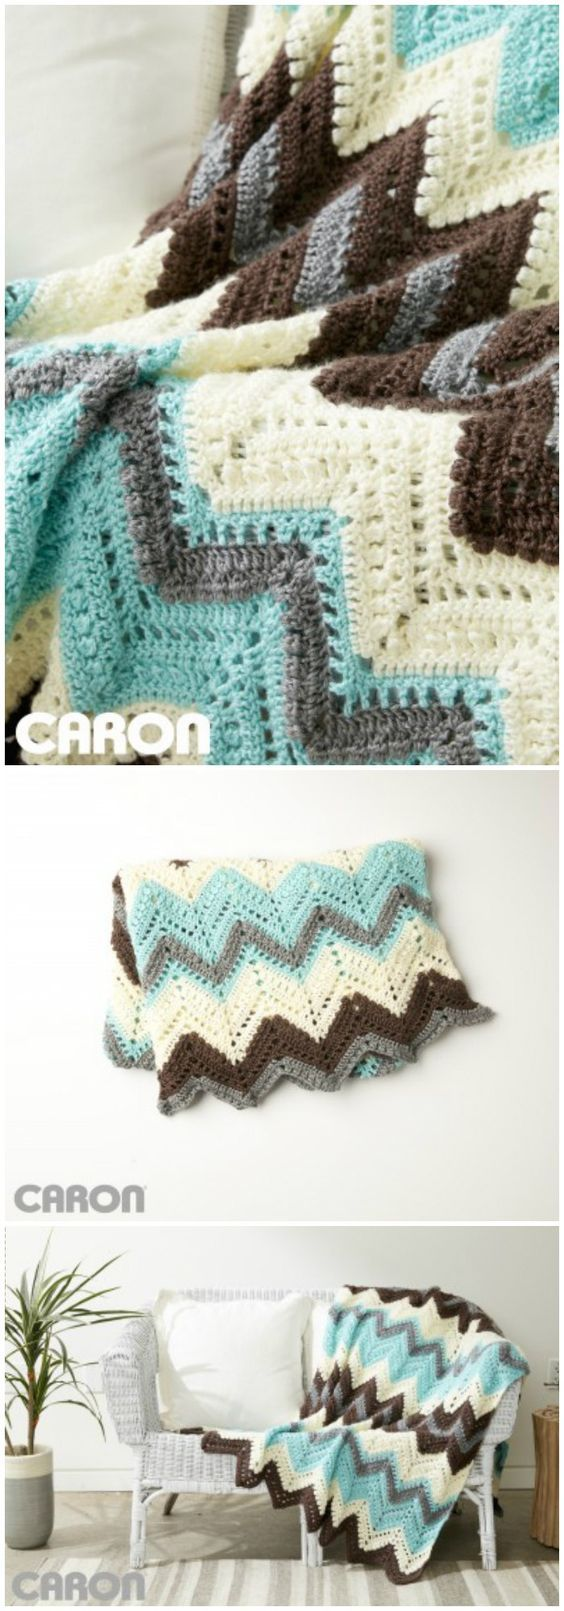 Mejores 578 imágenes de crochet en Pinterest   Artesanías, Frazadas ...